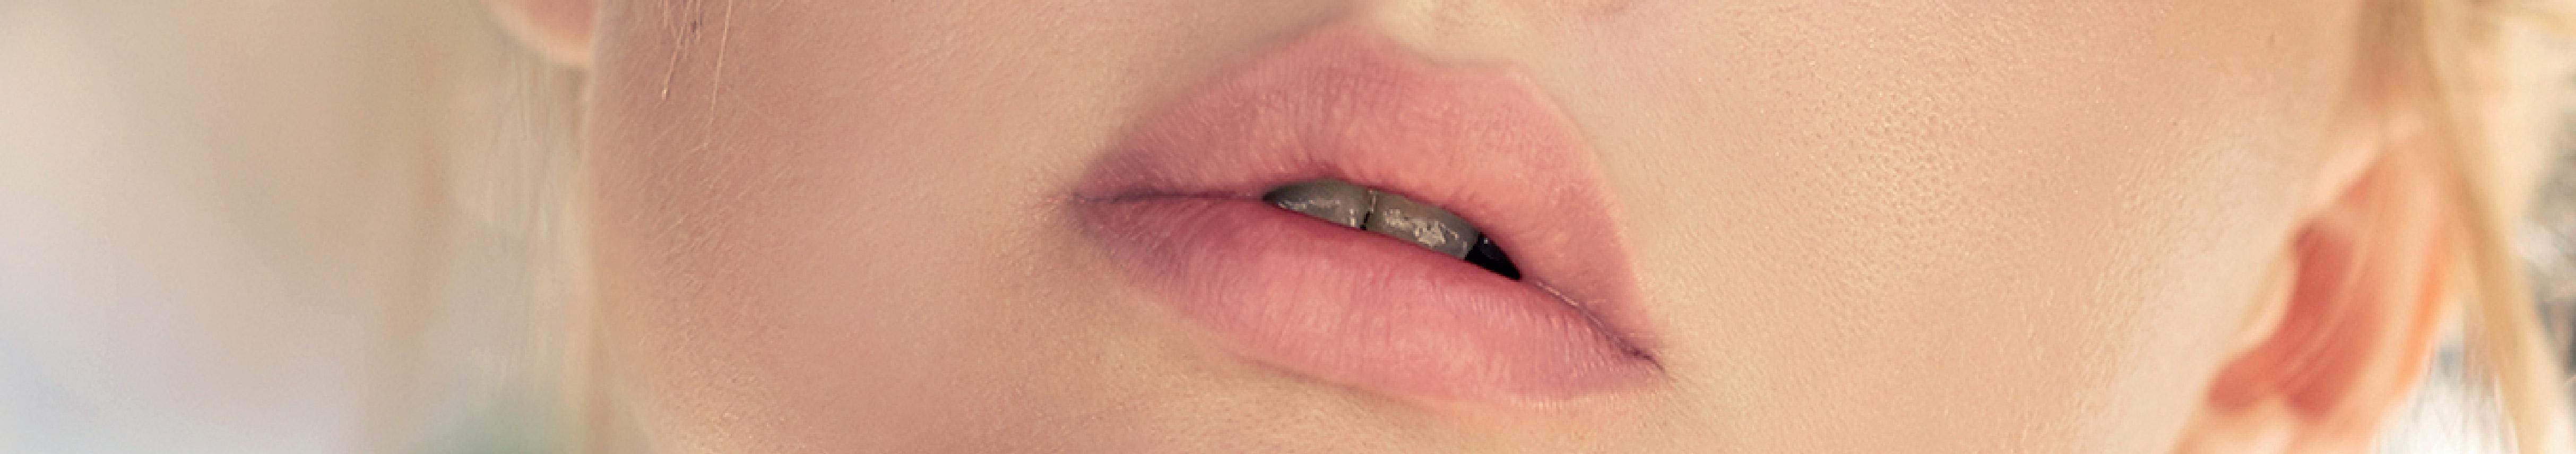 Barras de labios zao organico natural